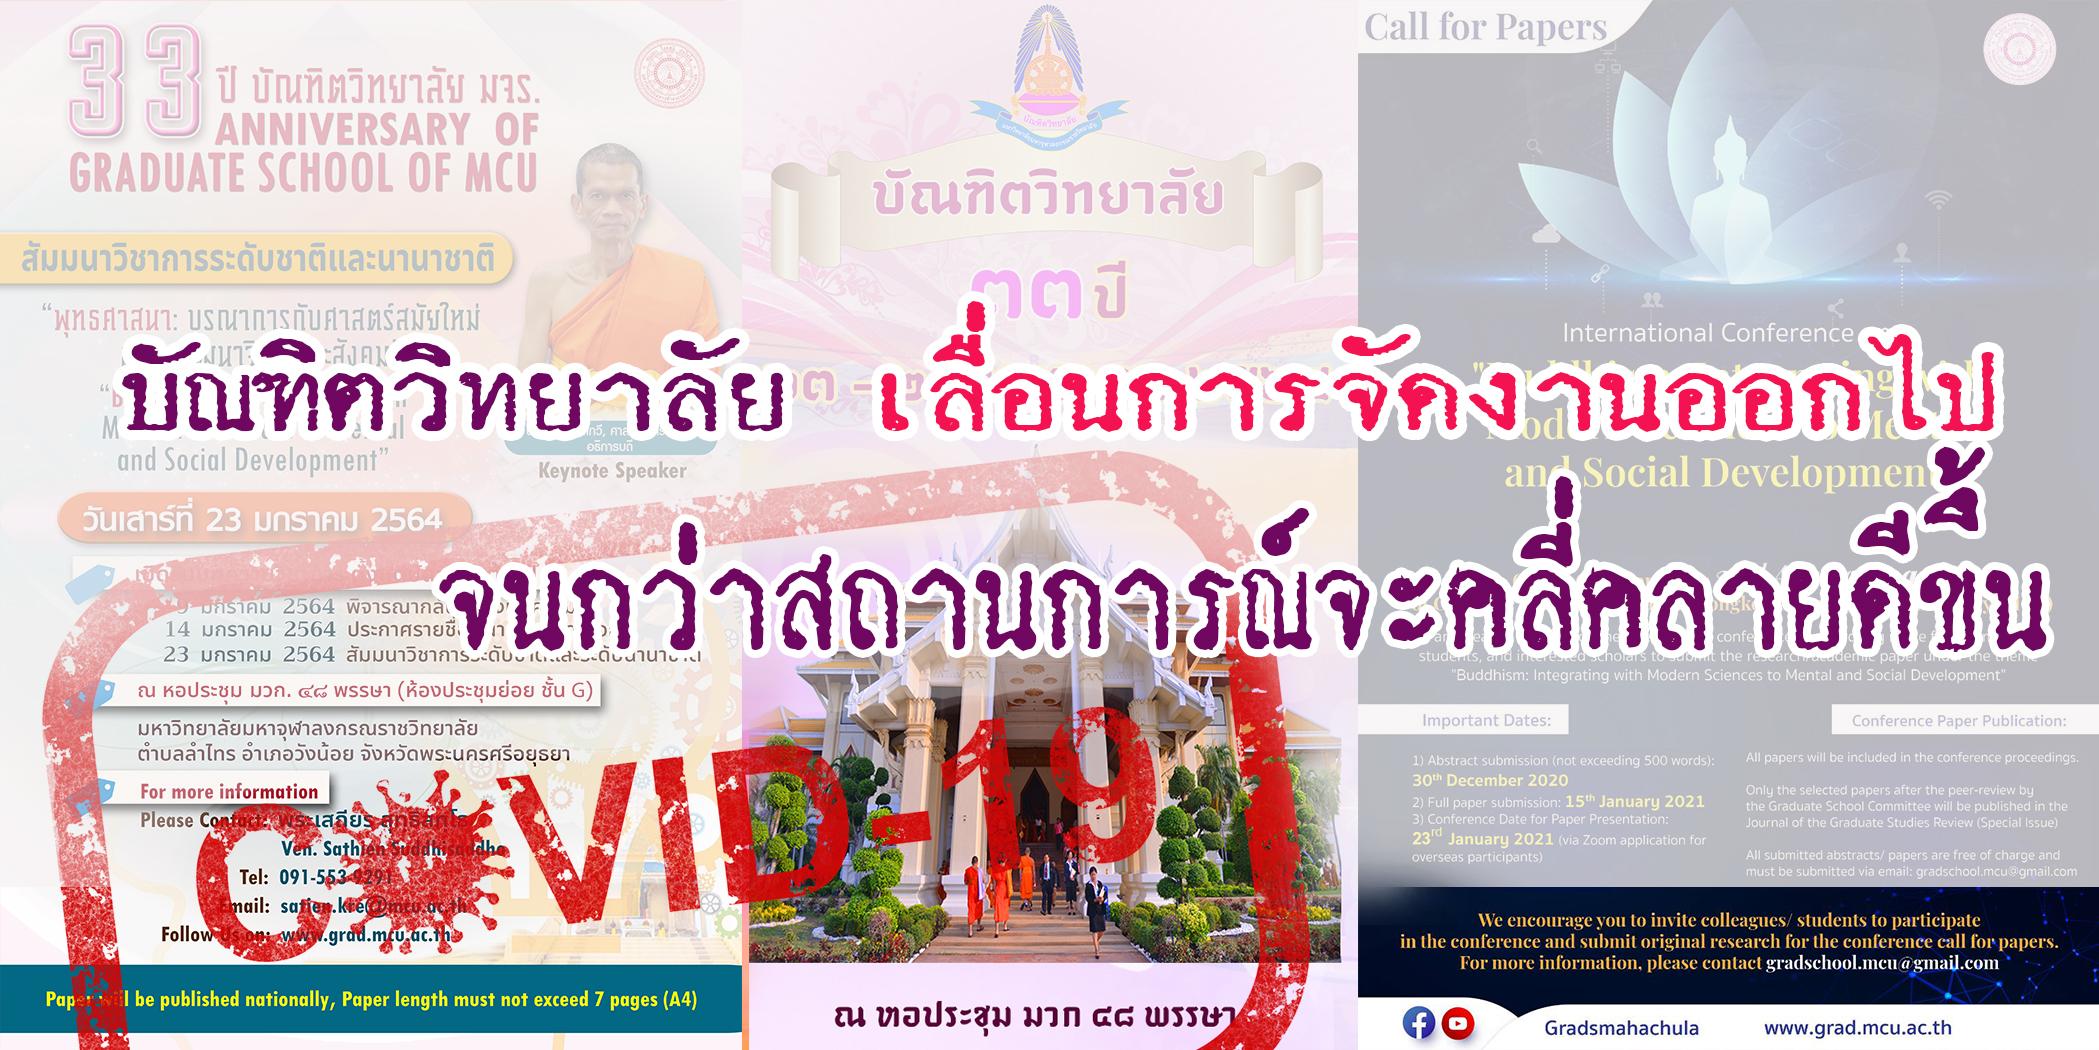 slide ประชาสัมพันธ์ บทความวิชาการไทย-อังกฤษ Covid-19